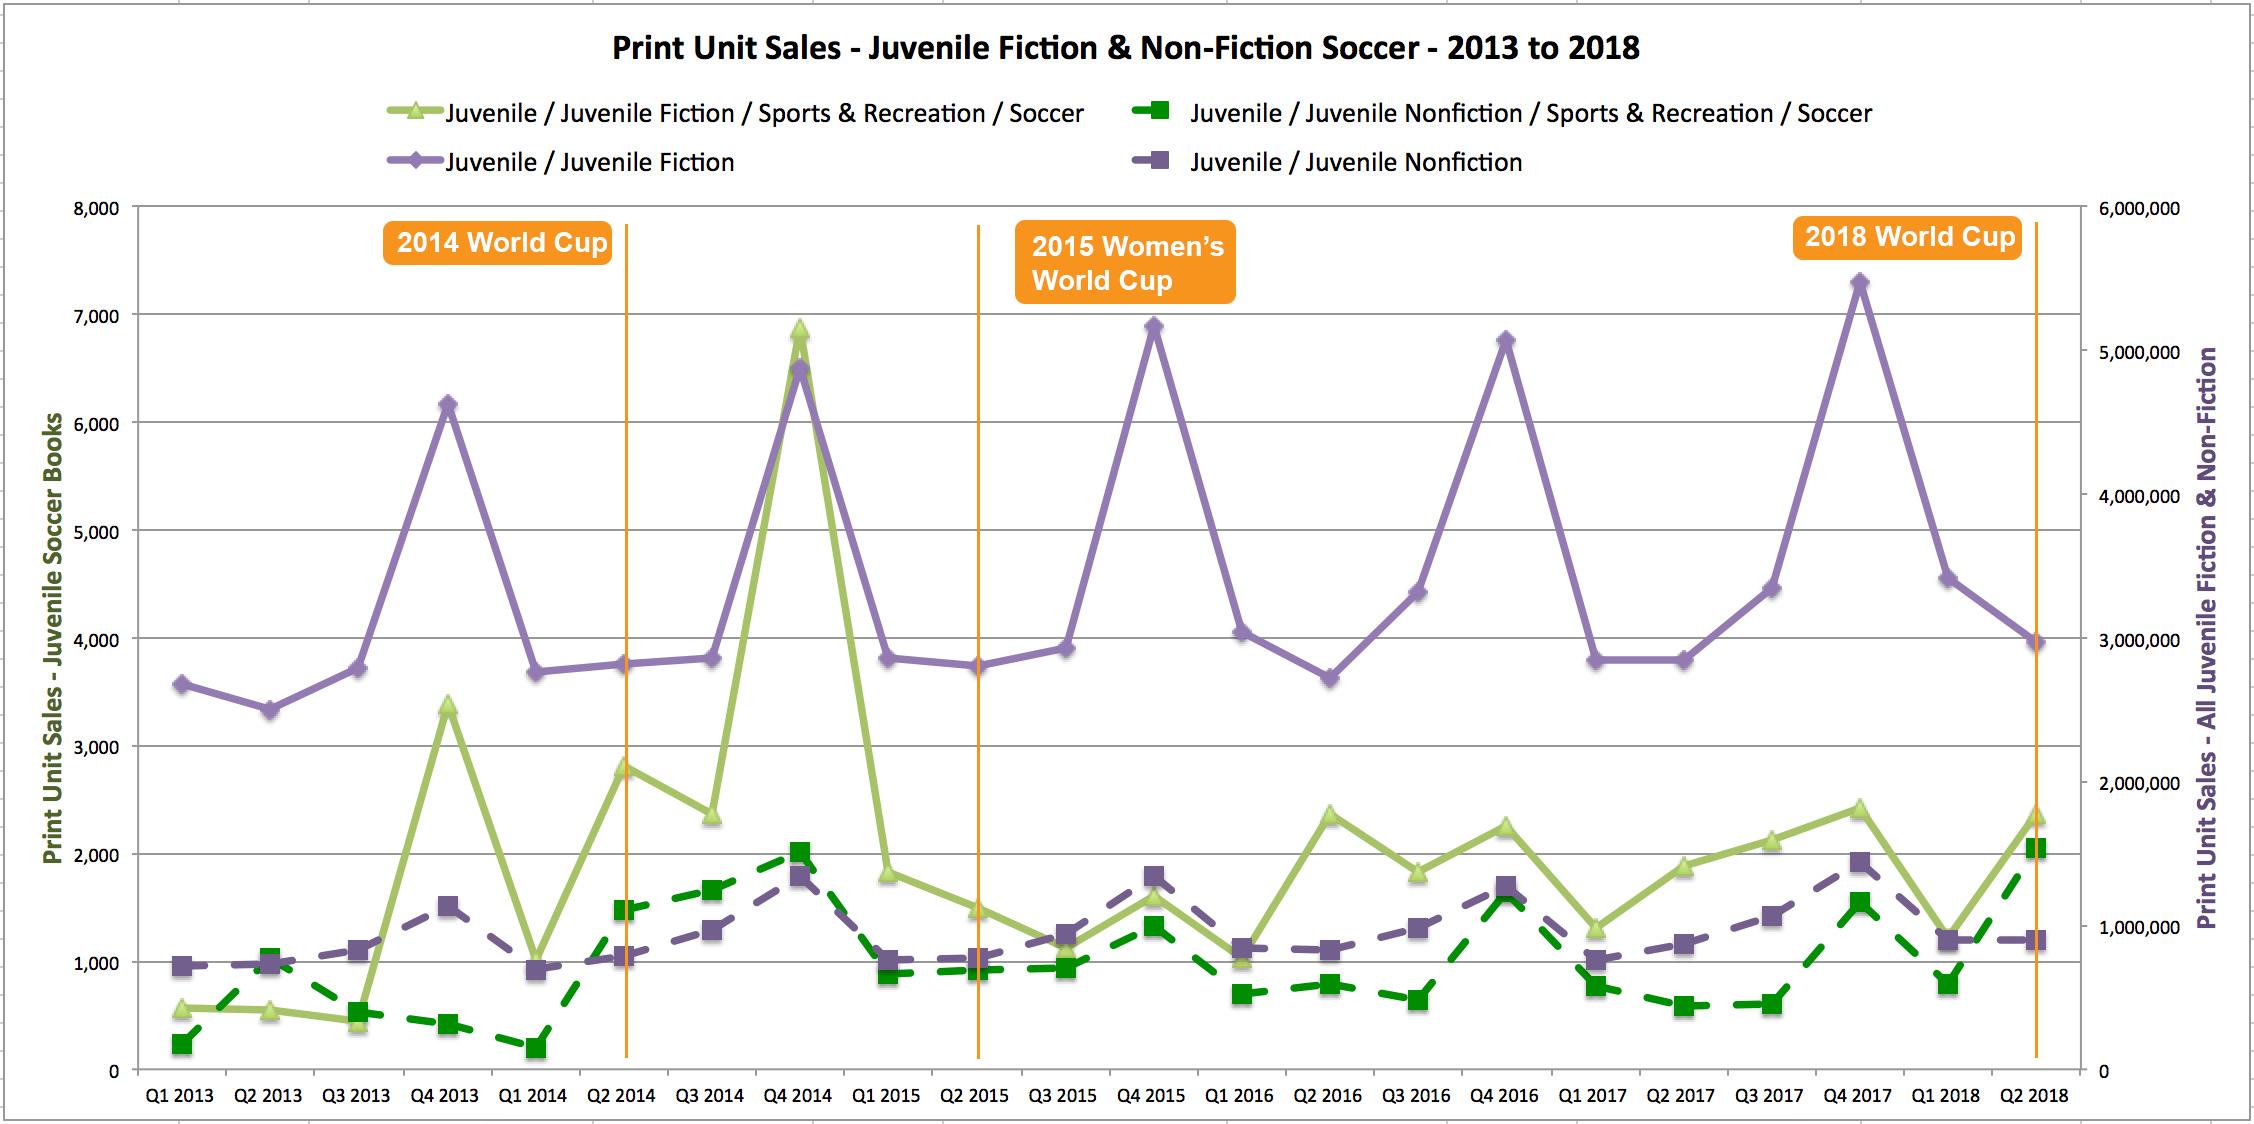 Print unit sales – Juvenile Fiction & Non-Fiction Soccer (2013-2018)